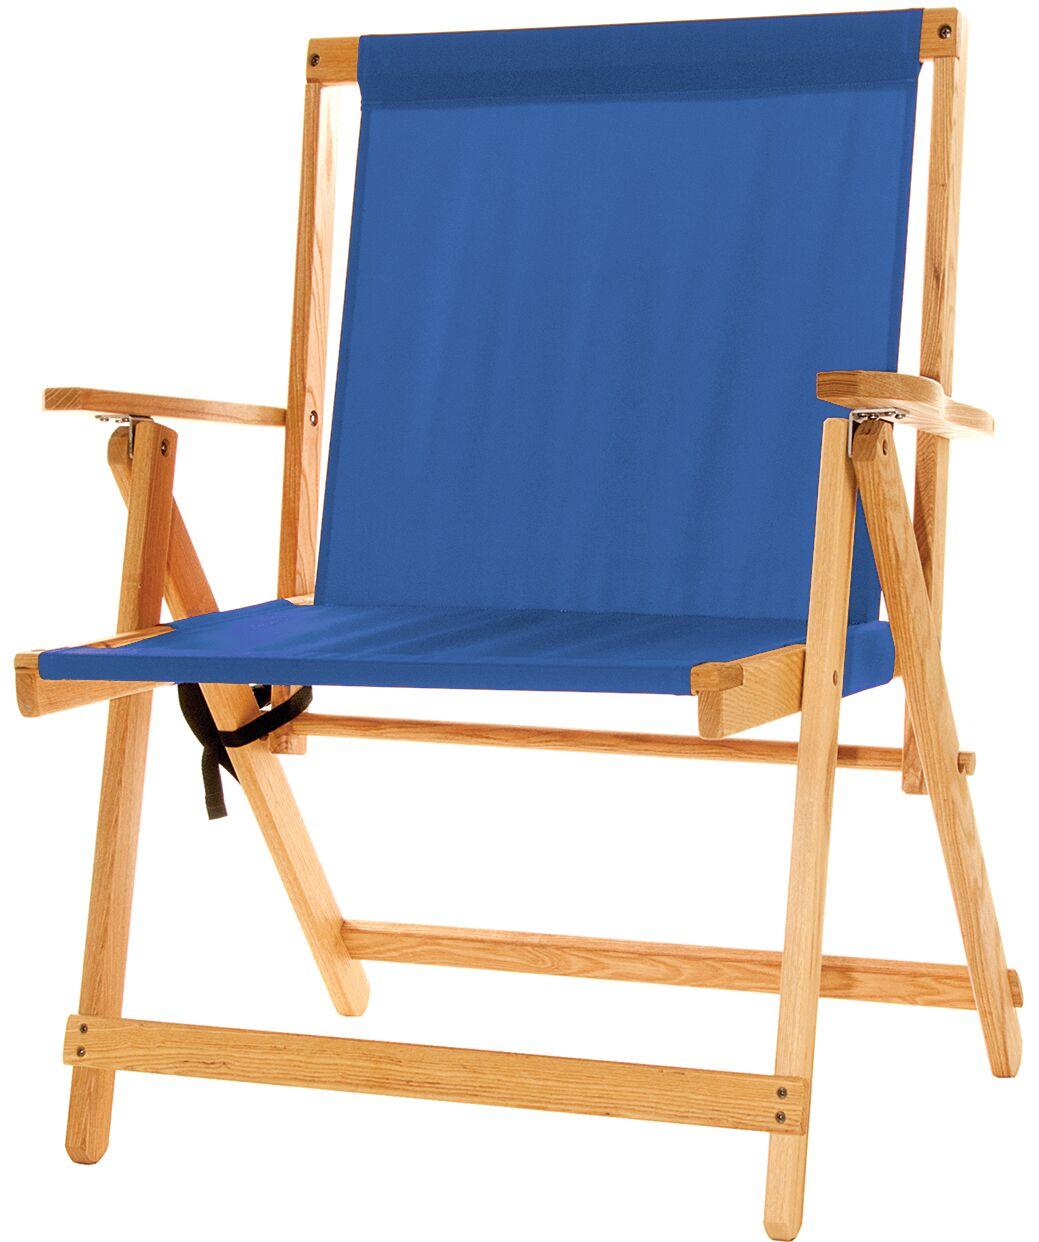 XL Deck Chair by Blue Ridge Chair